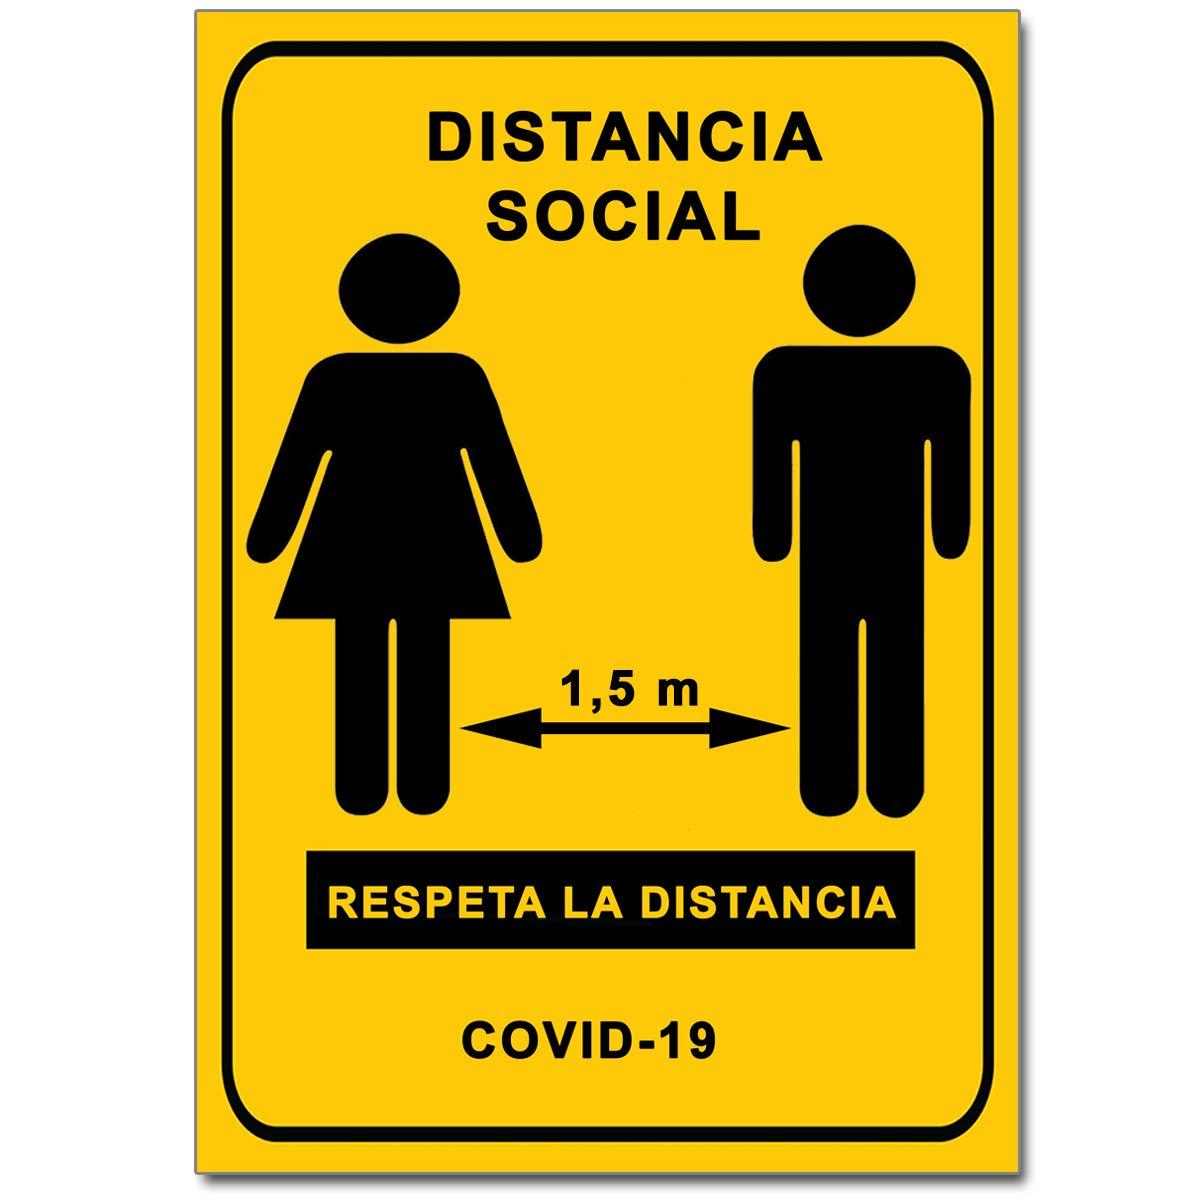 Señalización Coronavirus - Cartel Distancia Social 1,5 m para empresas, comercios, oficinas   Señal COVID-19 Autoinstalable   21 x 30 cm   Descuentos por Cantidad